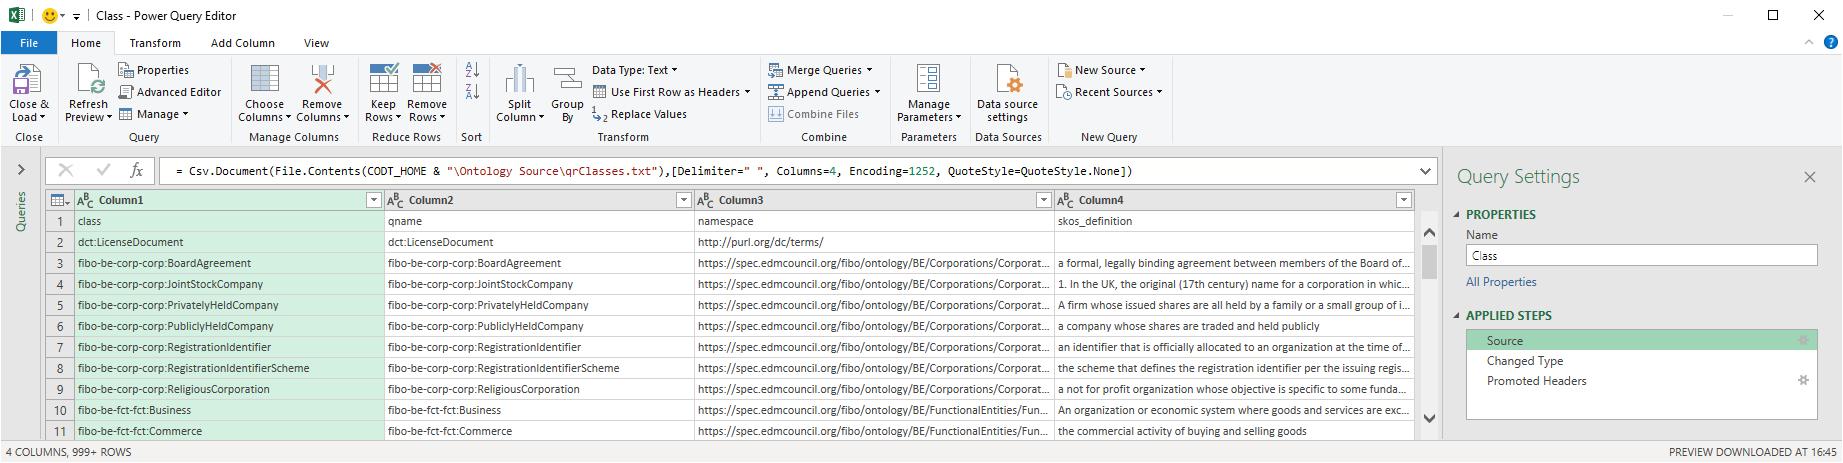 A Power Query screenshot of the Ontology Metadata Set queries.